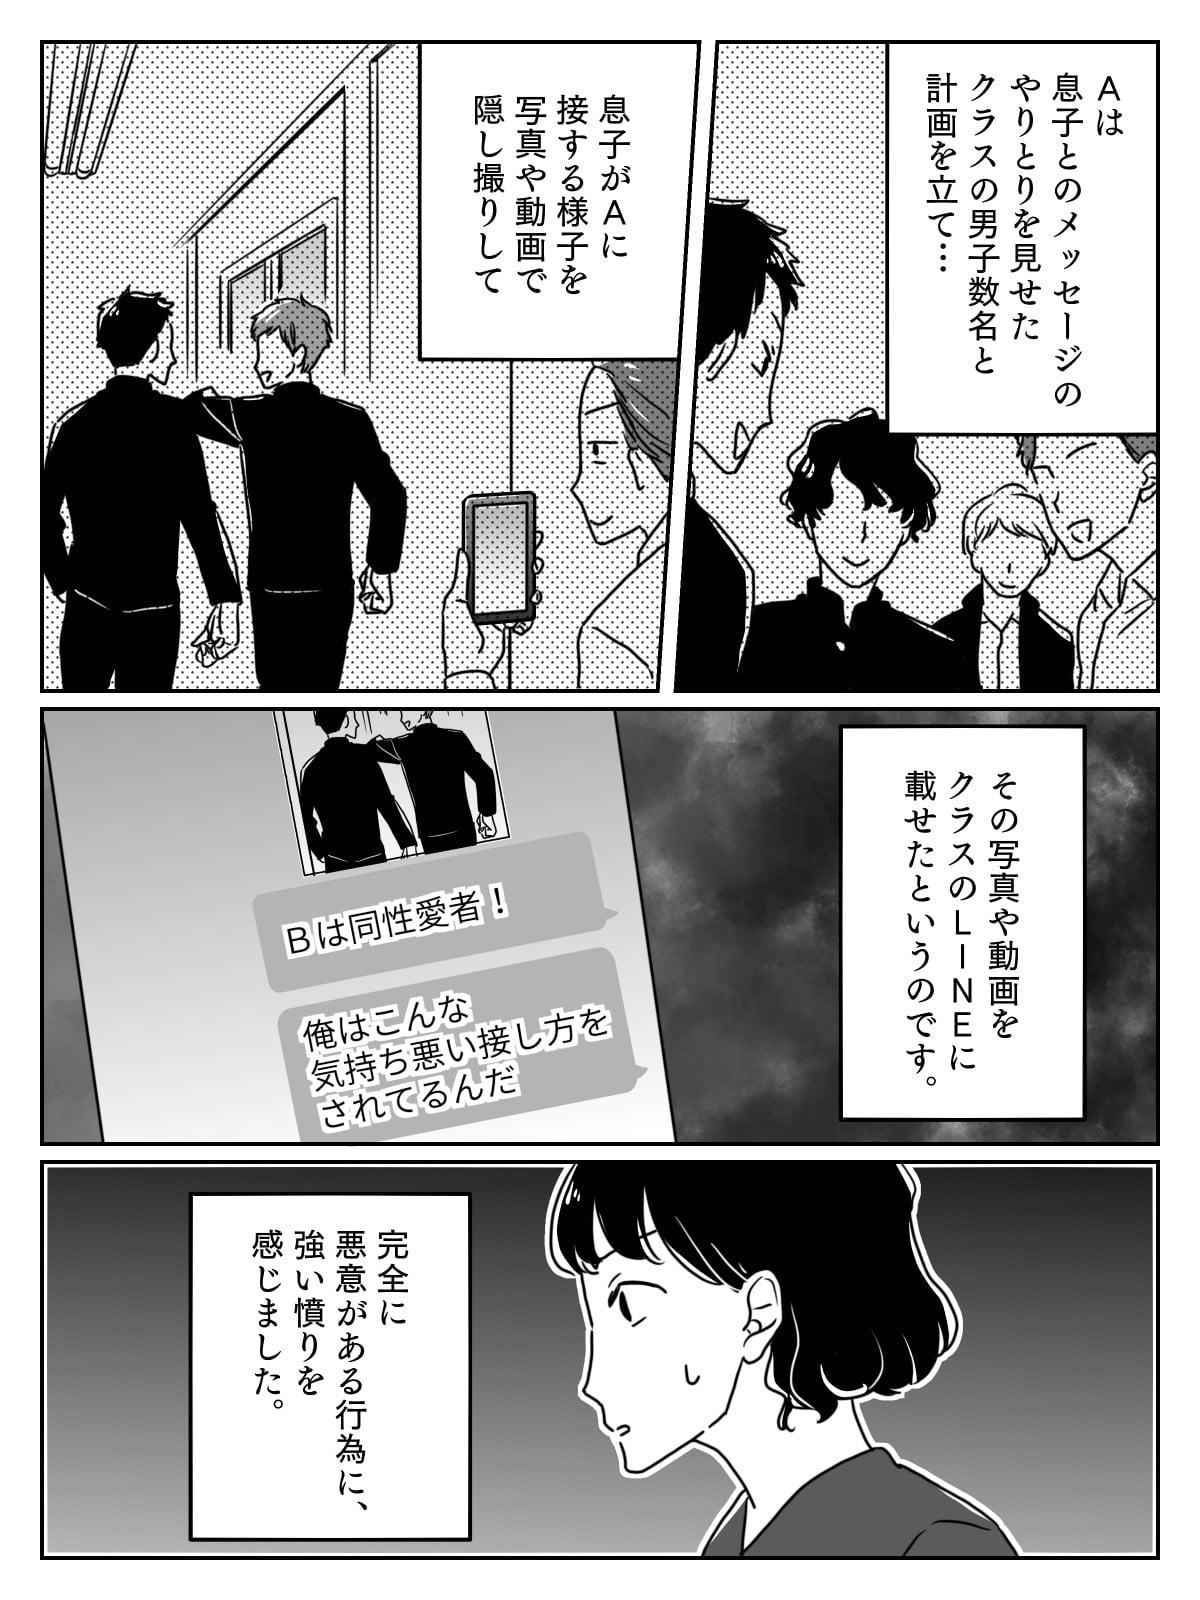 同性愛者の中学生の息子が不登校に……中編01